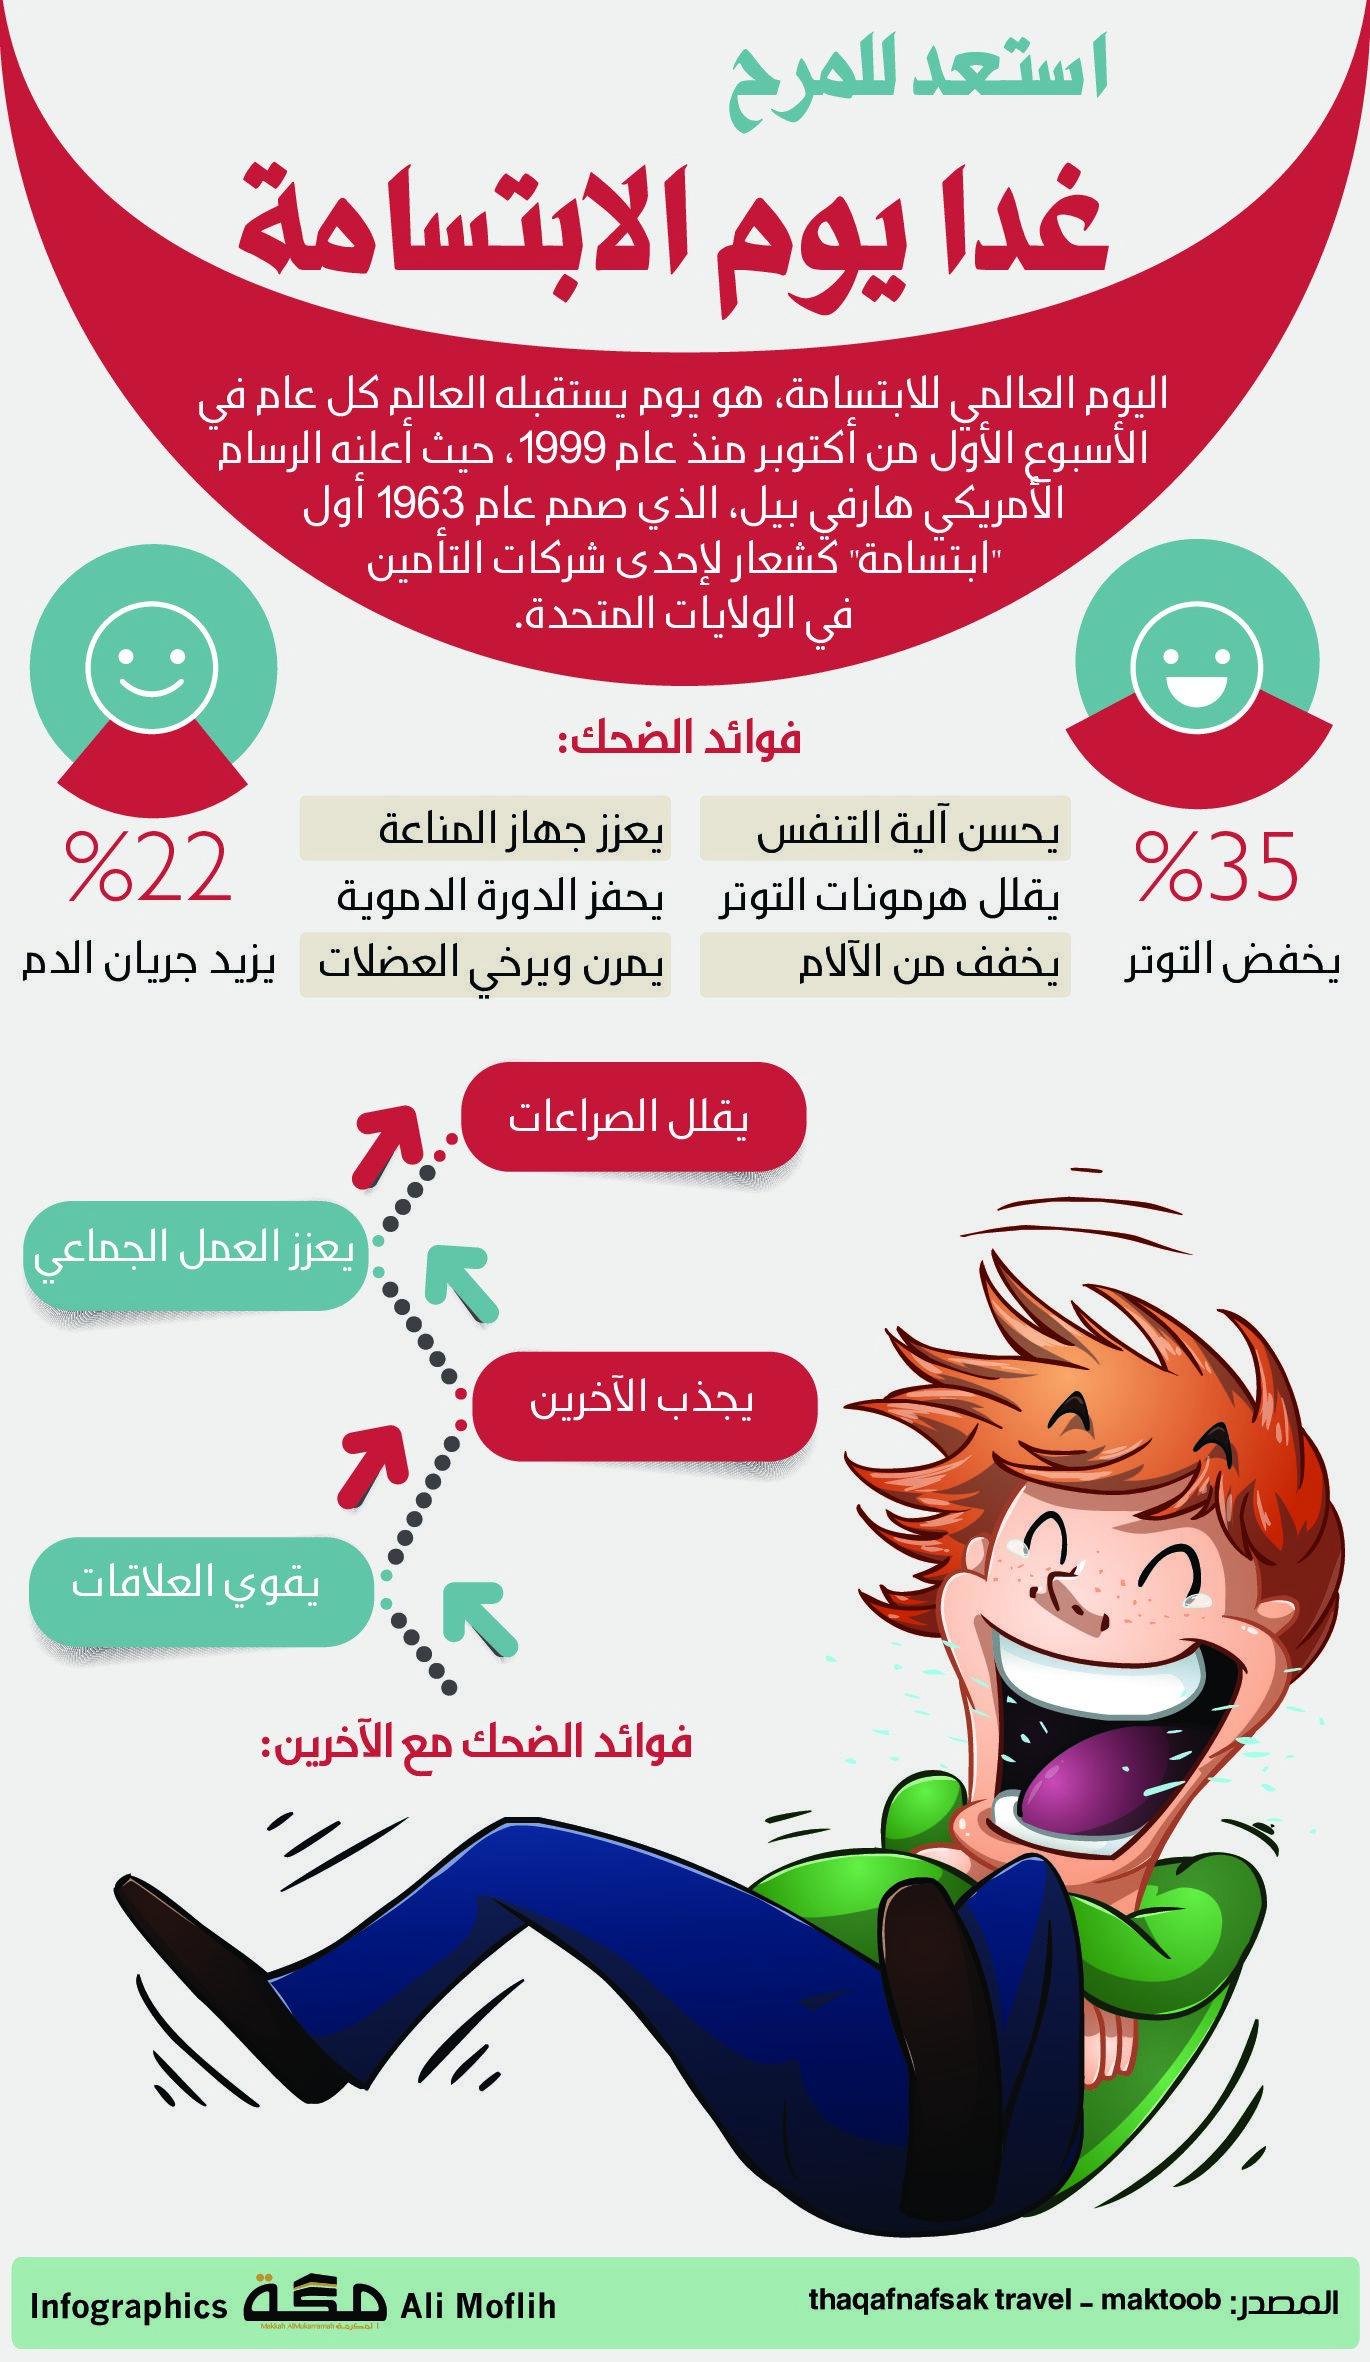 استعد للمرح غدا يوم الابتسامة صحيفةـمكة انفوجرافيك الأيام العالمية Movie Posters Makkah Poster